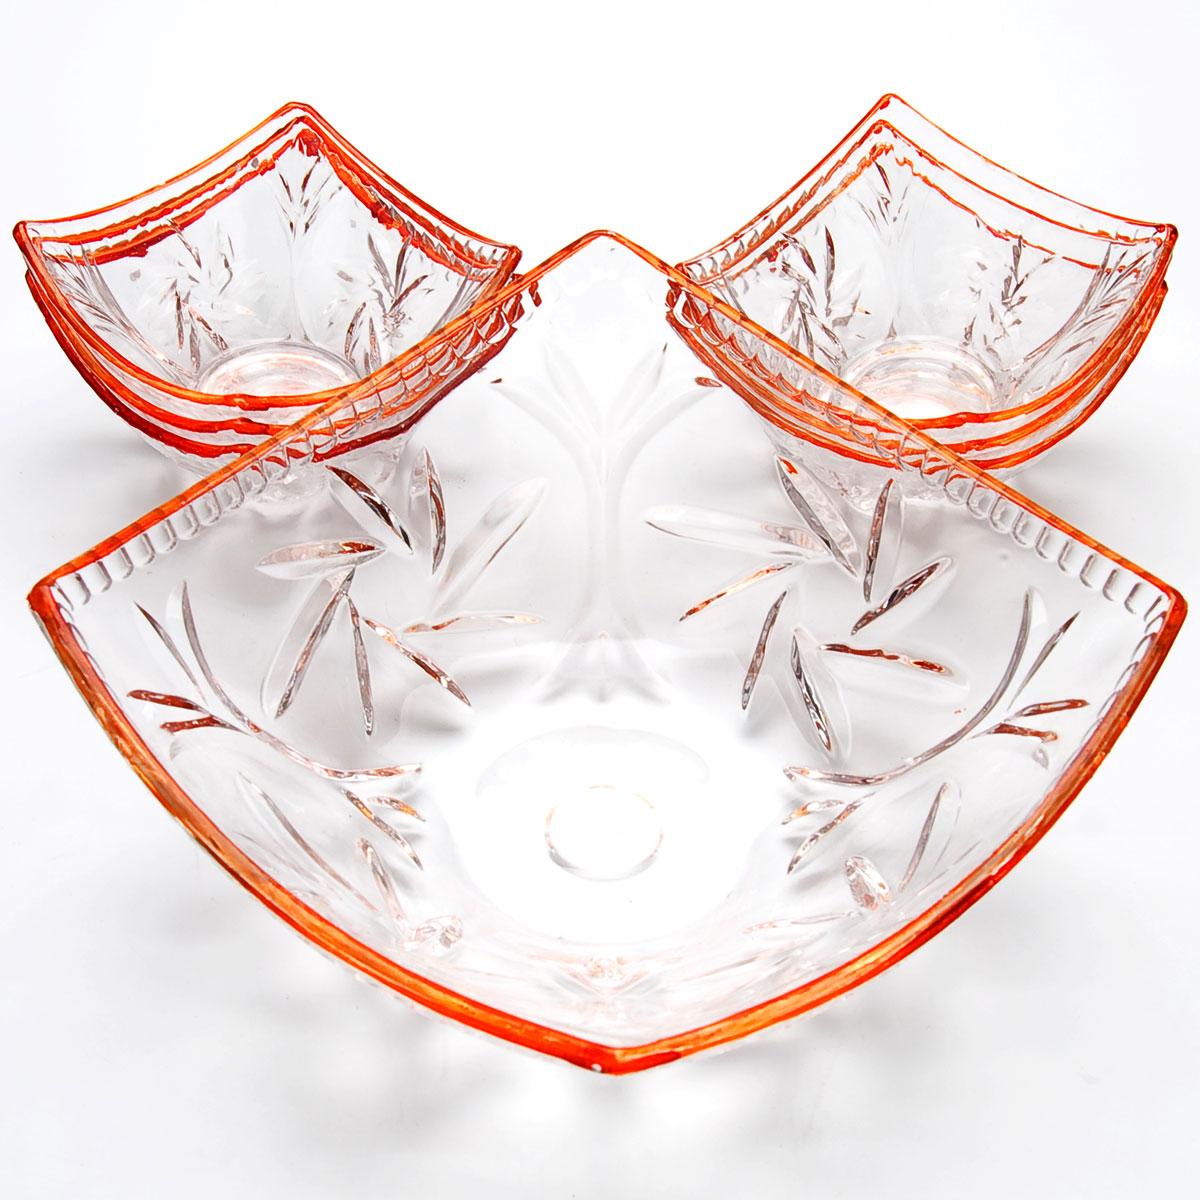 Набор салатников Mayer & Boch, 7 предметов. 2276254 009312Набор, выполненный из высококачественного стекла и декорированный рельефным рисунком, состоит из шести маленьких и одной большой пиалы. Пиалы прекрасно подойдут для сервировки стола и станут достойным оформлением для ваших любимых блюд. Изящный дизайн, высокое качество и функциональность набора позволят ему стать достойным дополнением к вашему кухонному инвентарю. 49х25х14см 2,35 л